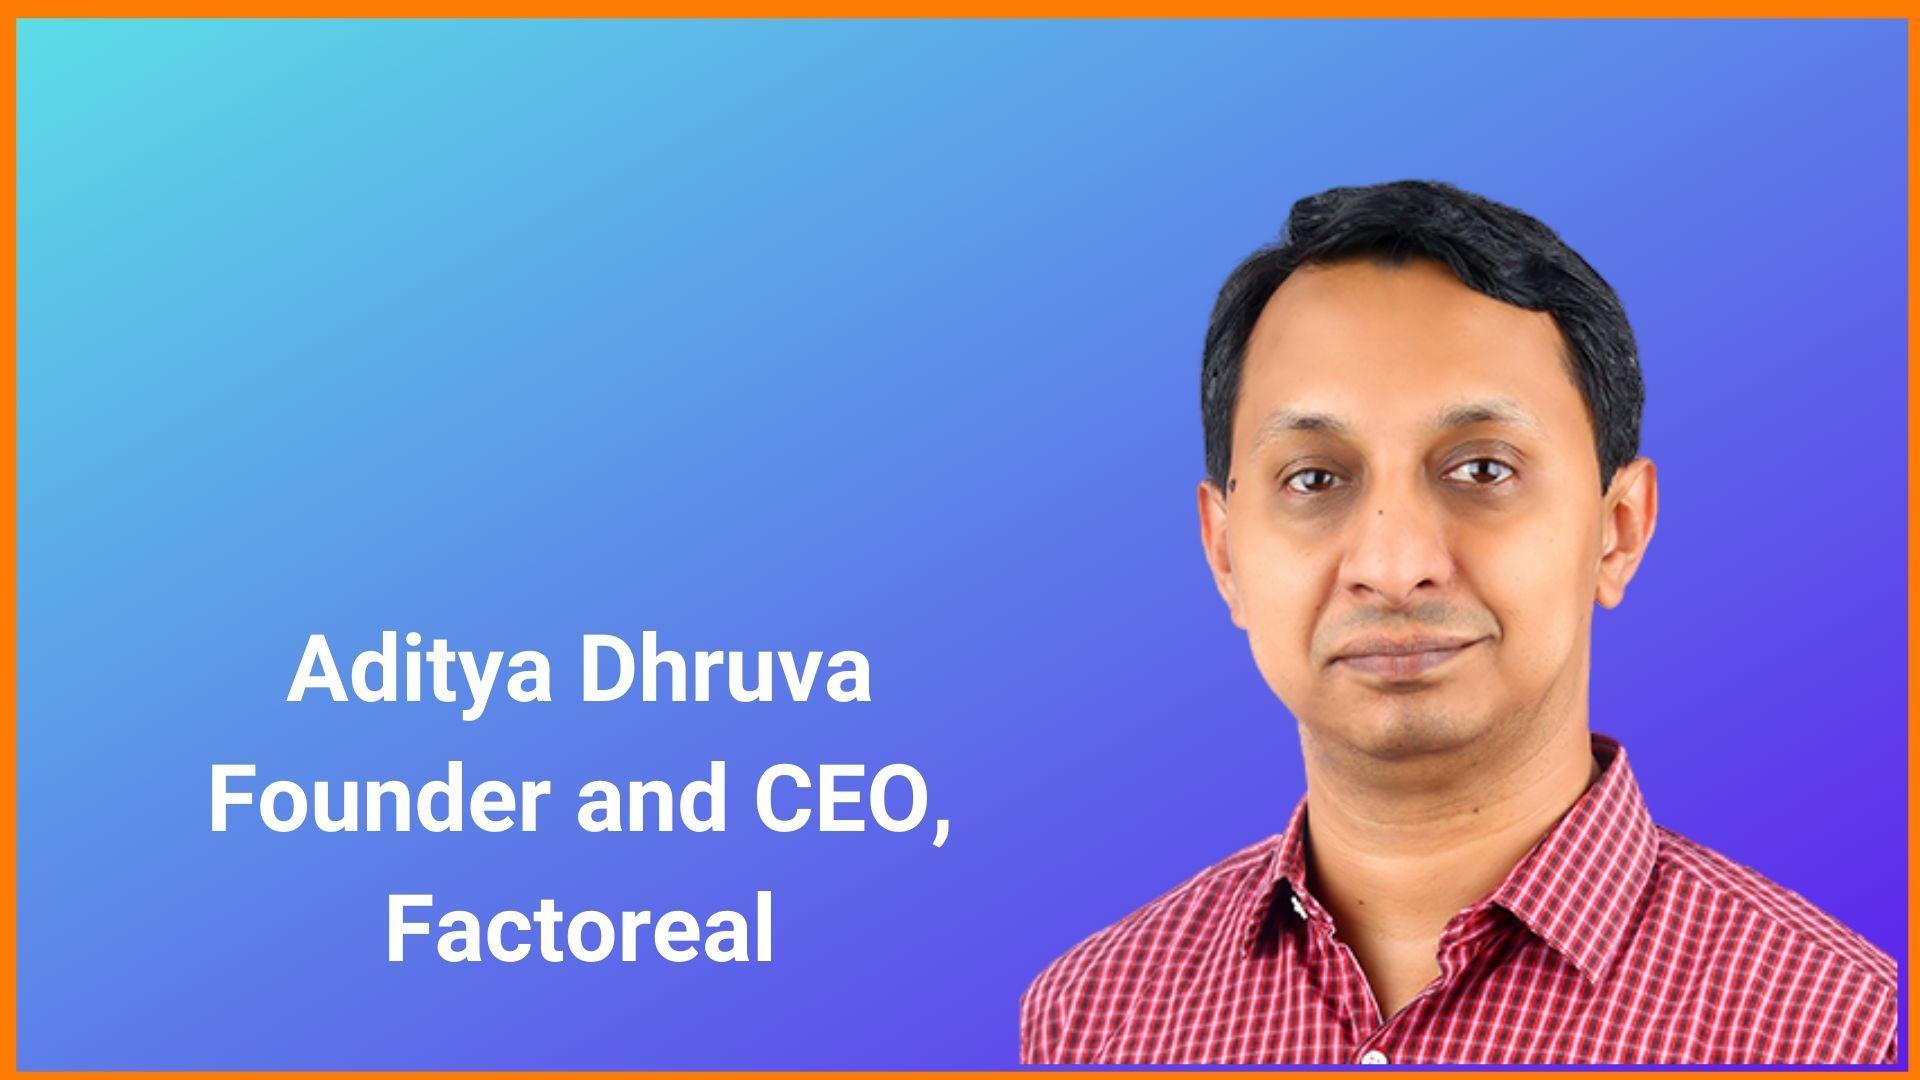 Aditya Dhruva